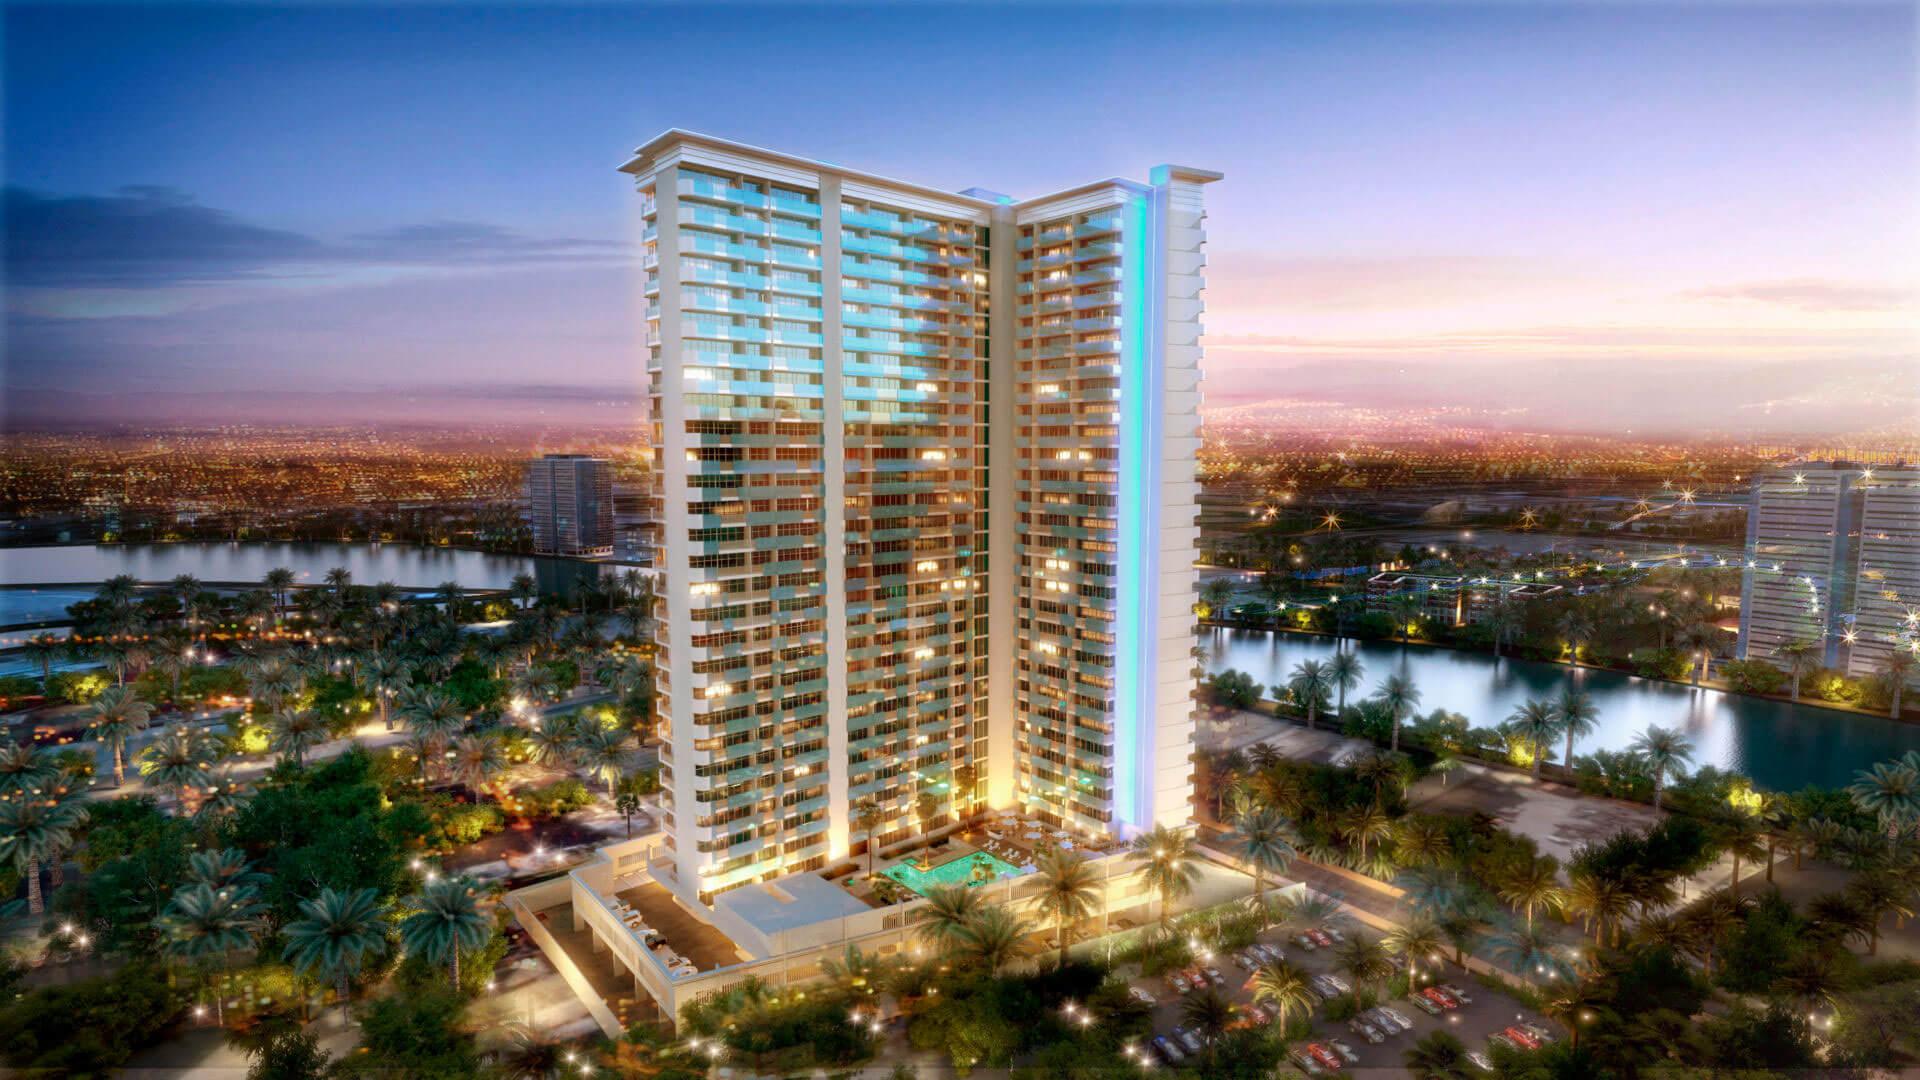 Apartamento en venta en Dubai, EAU, 2 dormitorios, 92 m2, № 24119 – foto 4